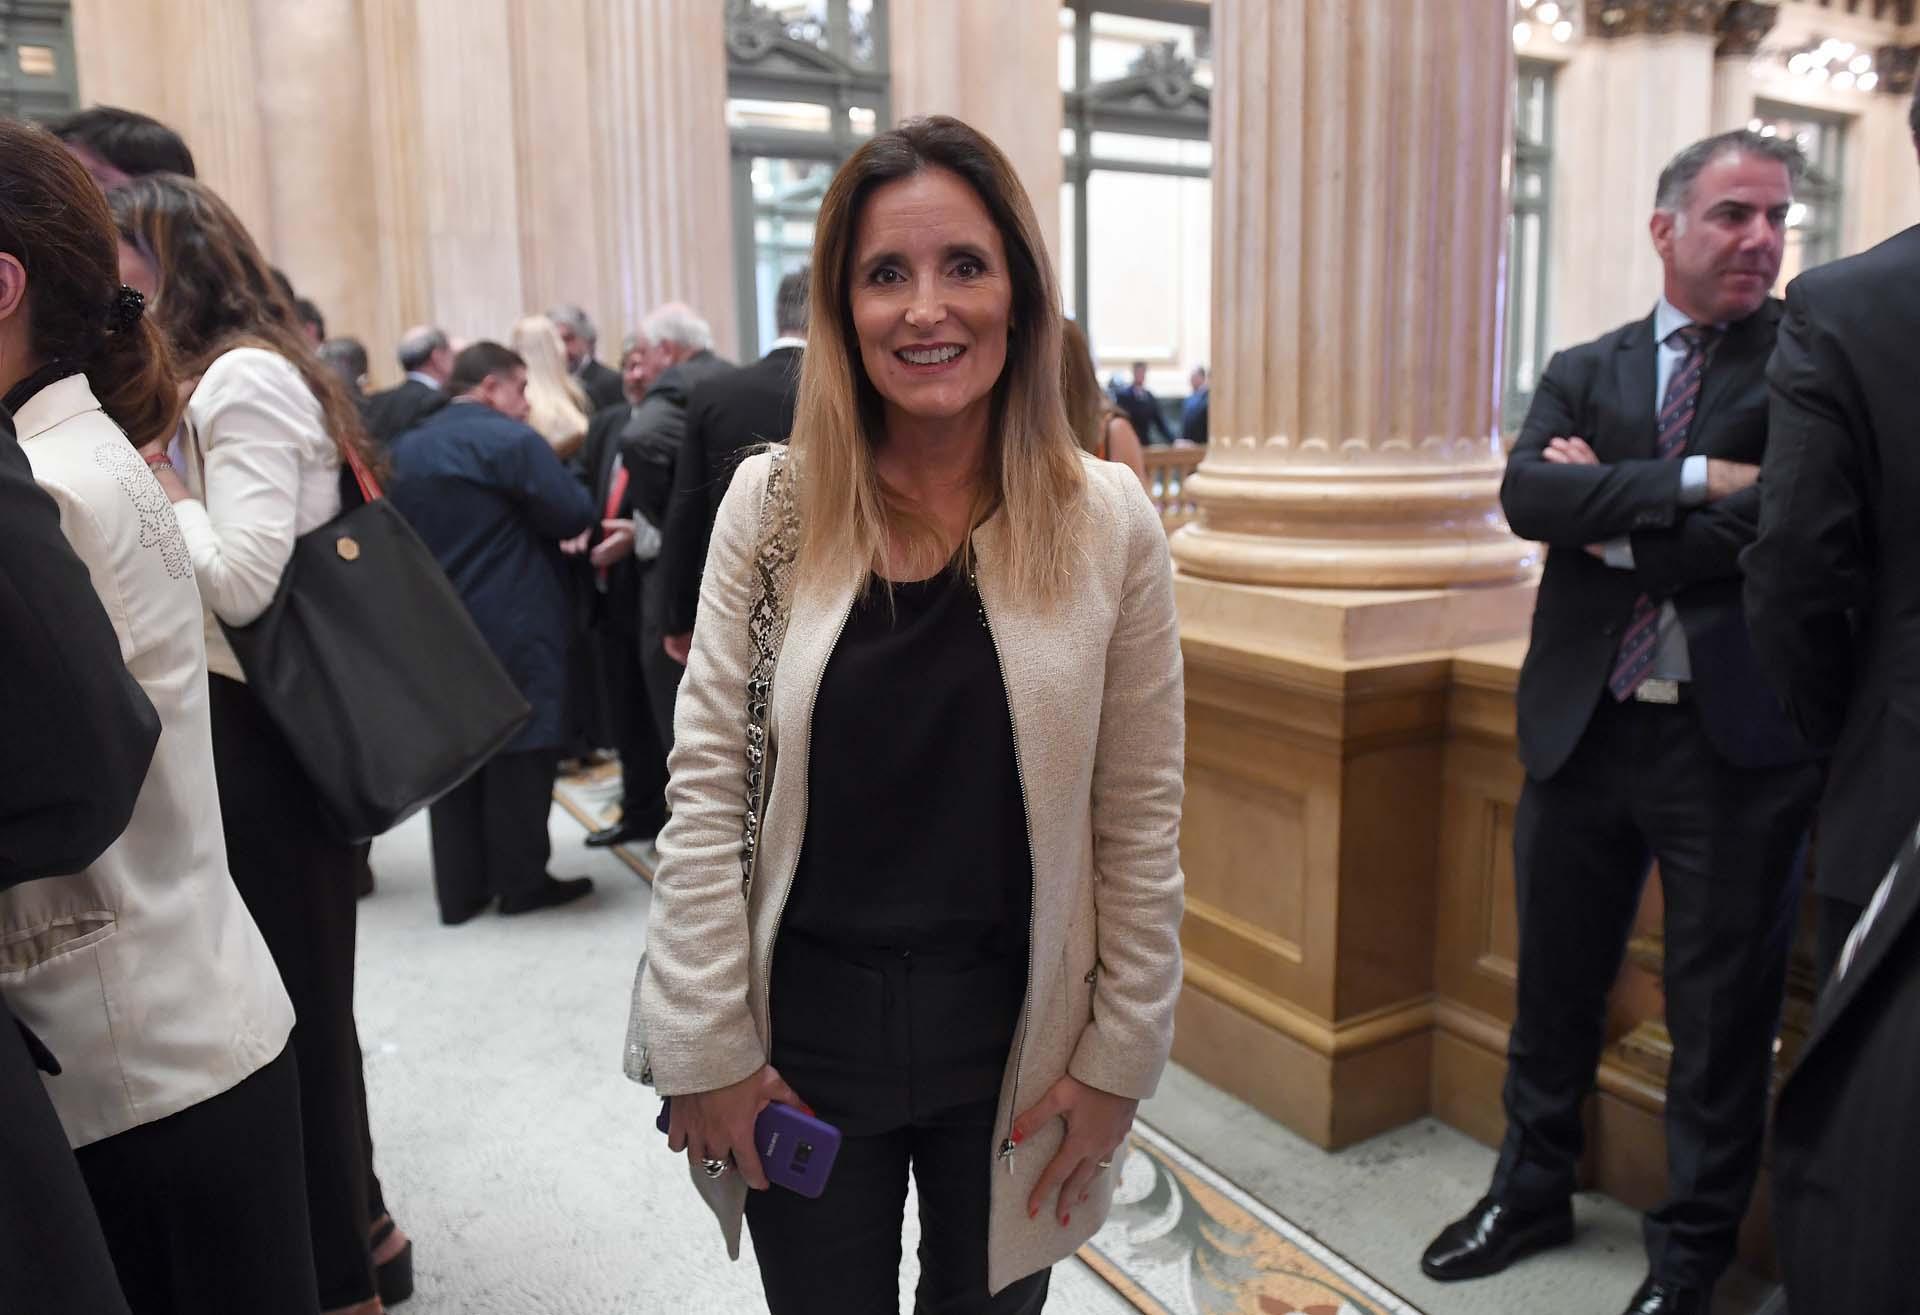 Genoveva Cardinali, titular de la Fiscalía en lo Penal y Contravencional de la Ciudad, especializada en Violencia de Género.